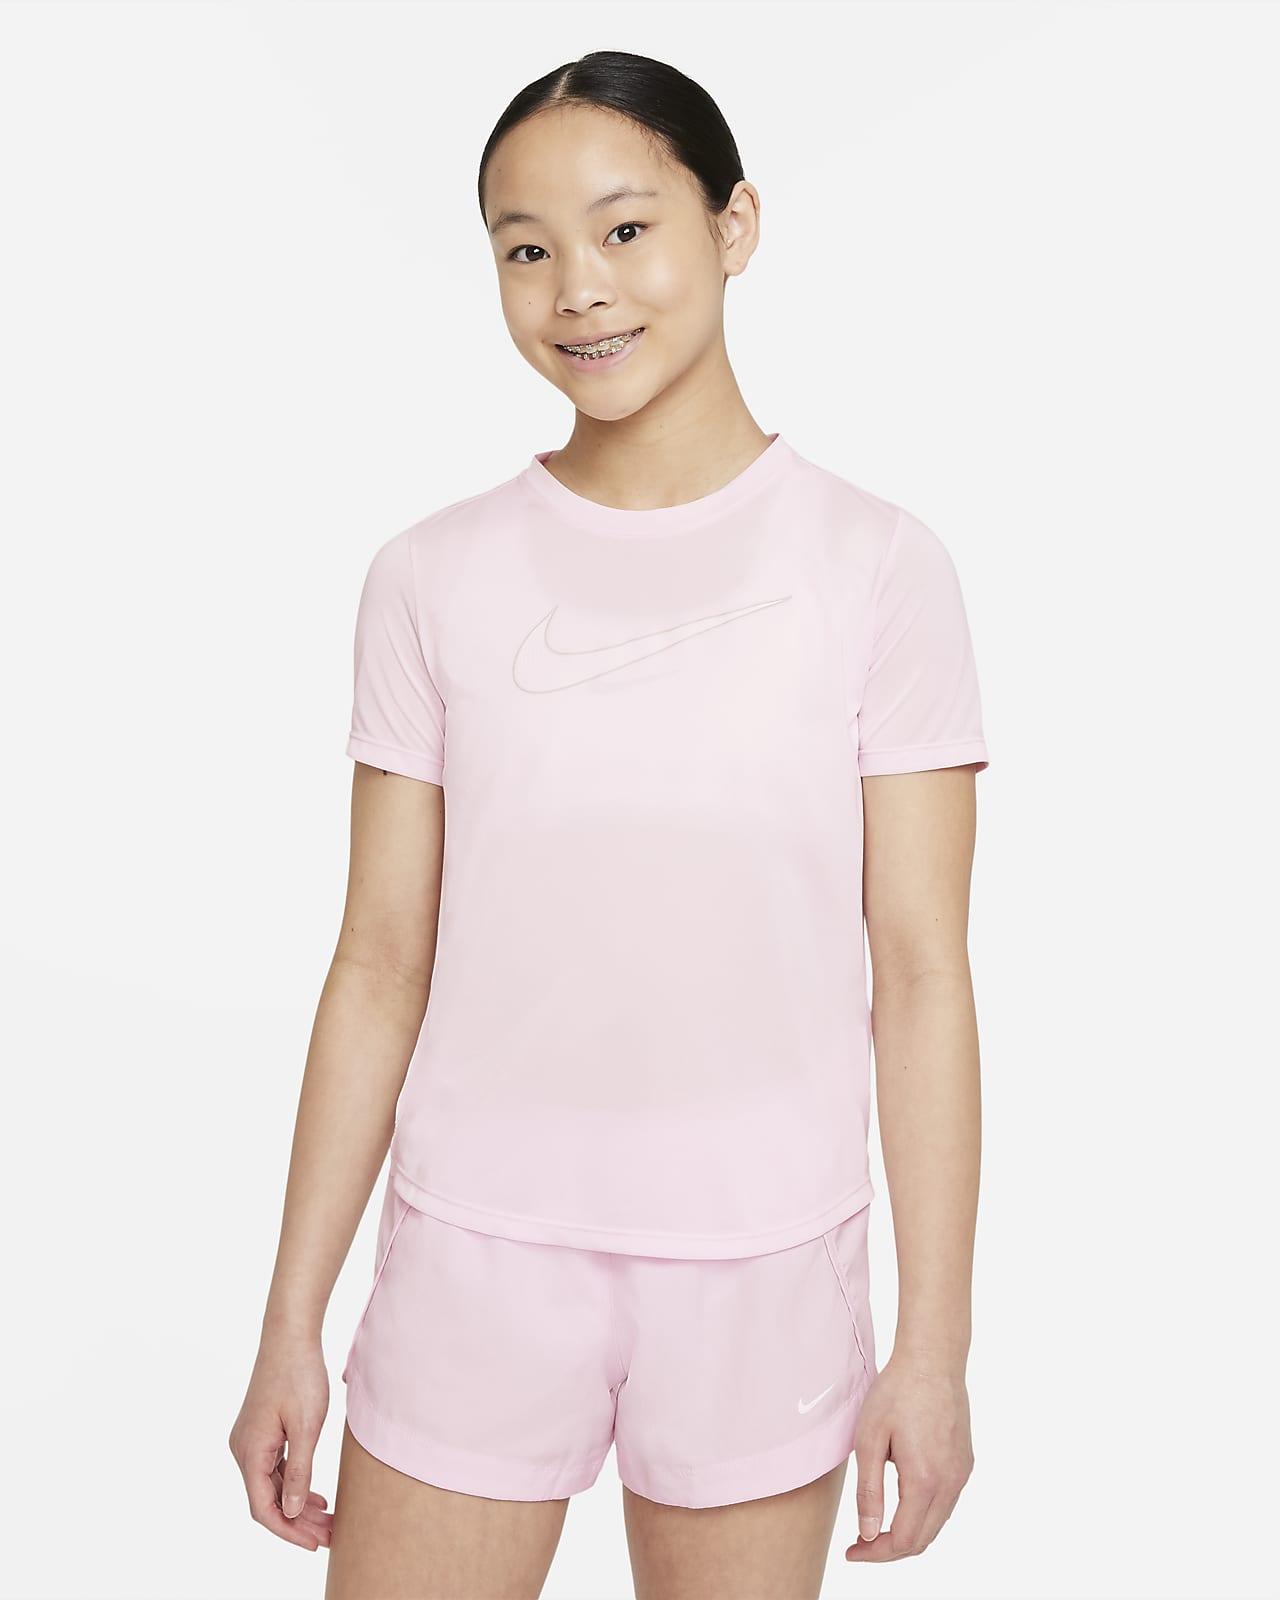 เสื้อเทรนนิ่งแขนสั้นเด็กโต Nike Dri-FIT One (หญิง)